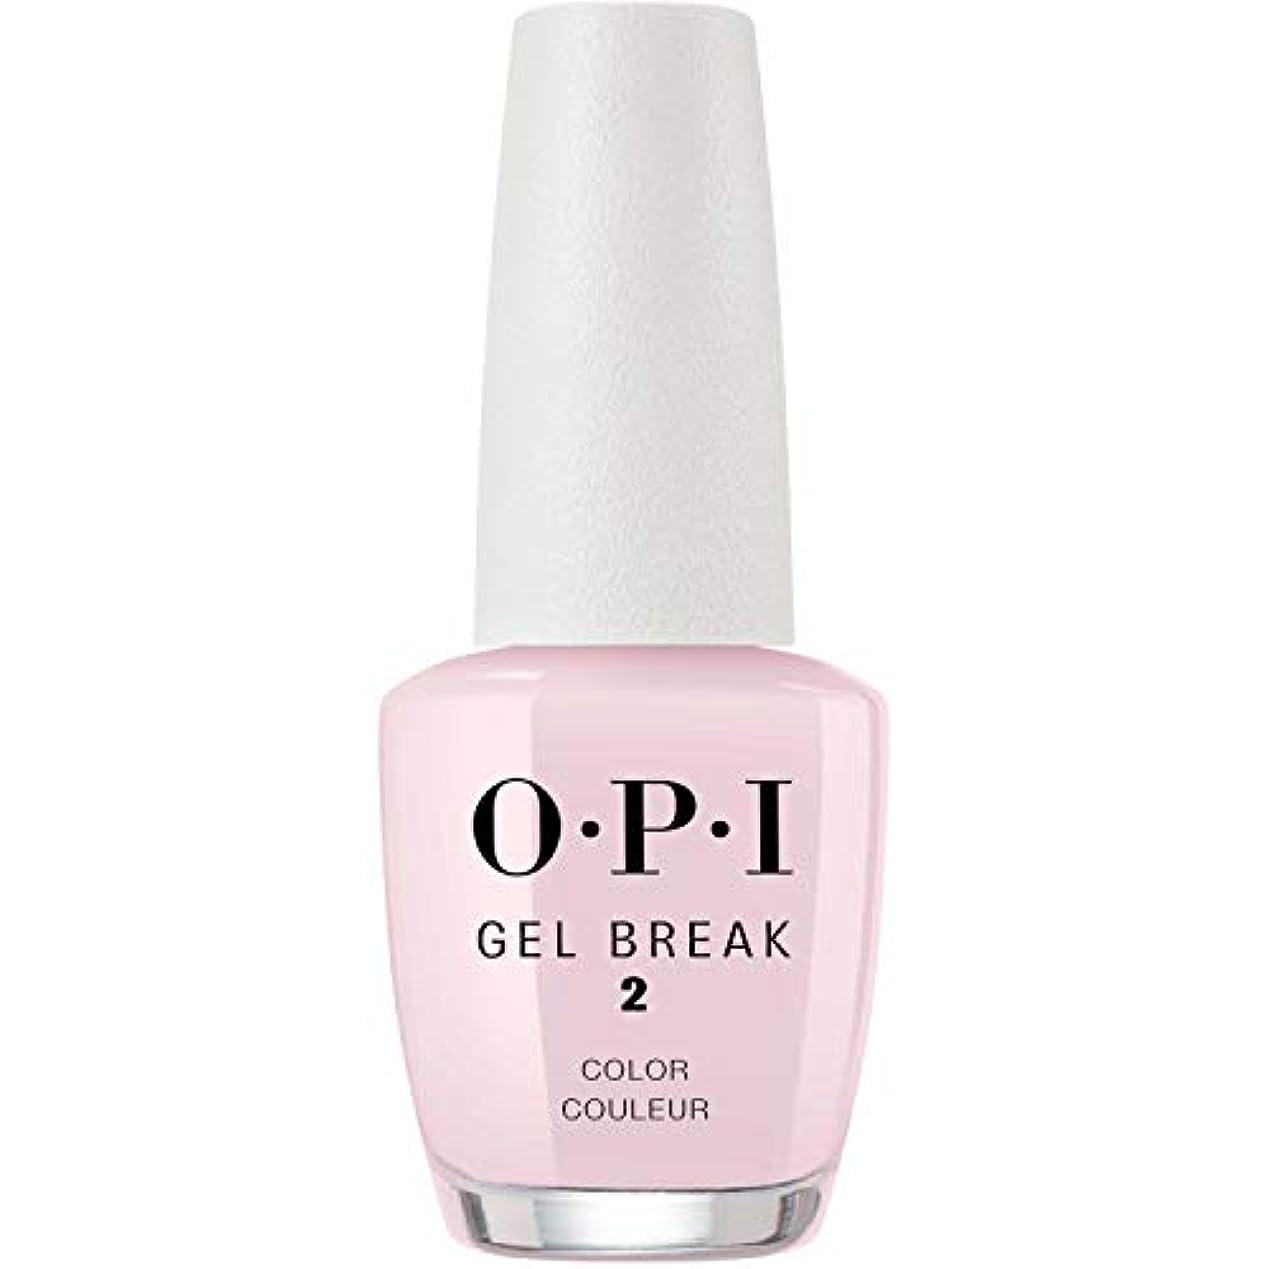 オーバーヘッド女将尊厳OPI(オーピーアイ) ジェルブレイク NTR03 プロパリー ピンク